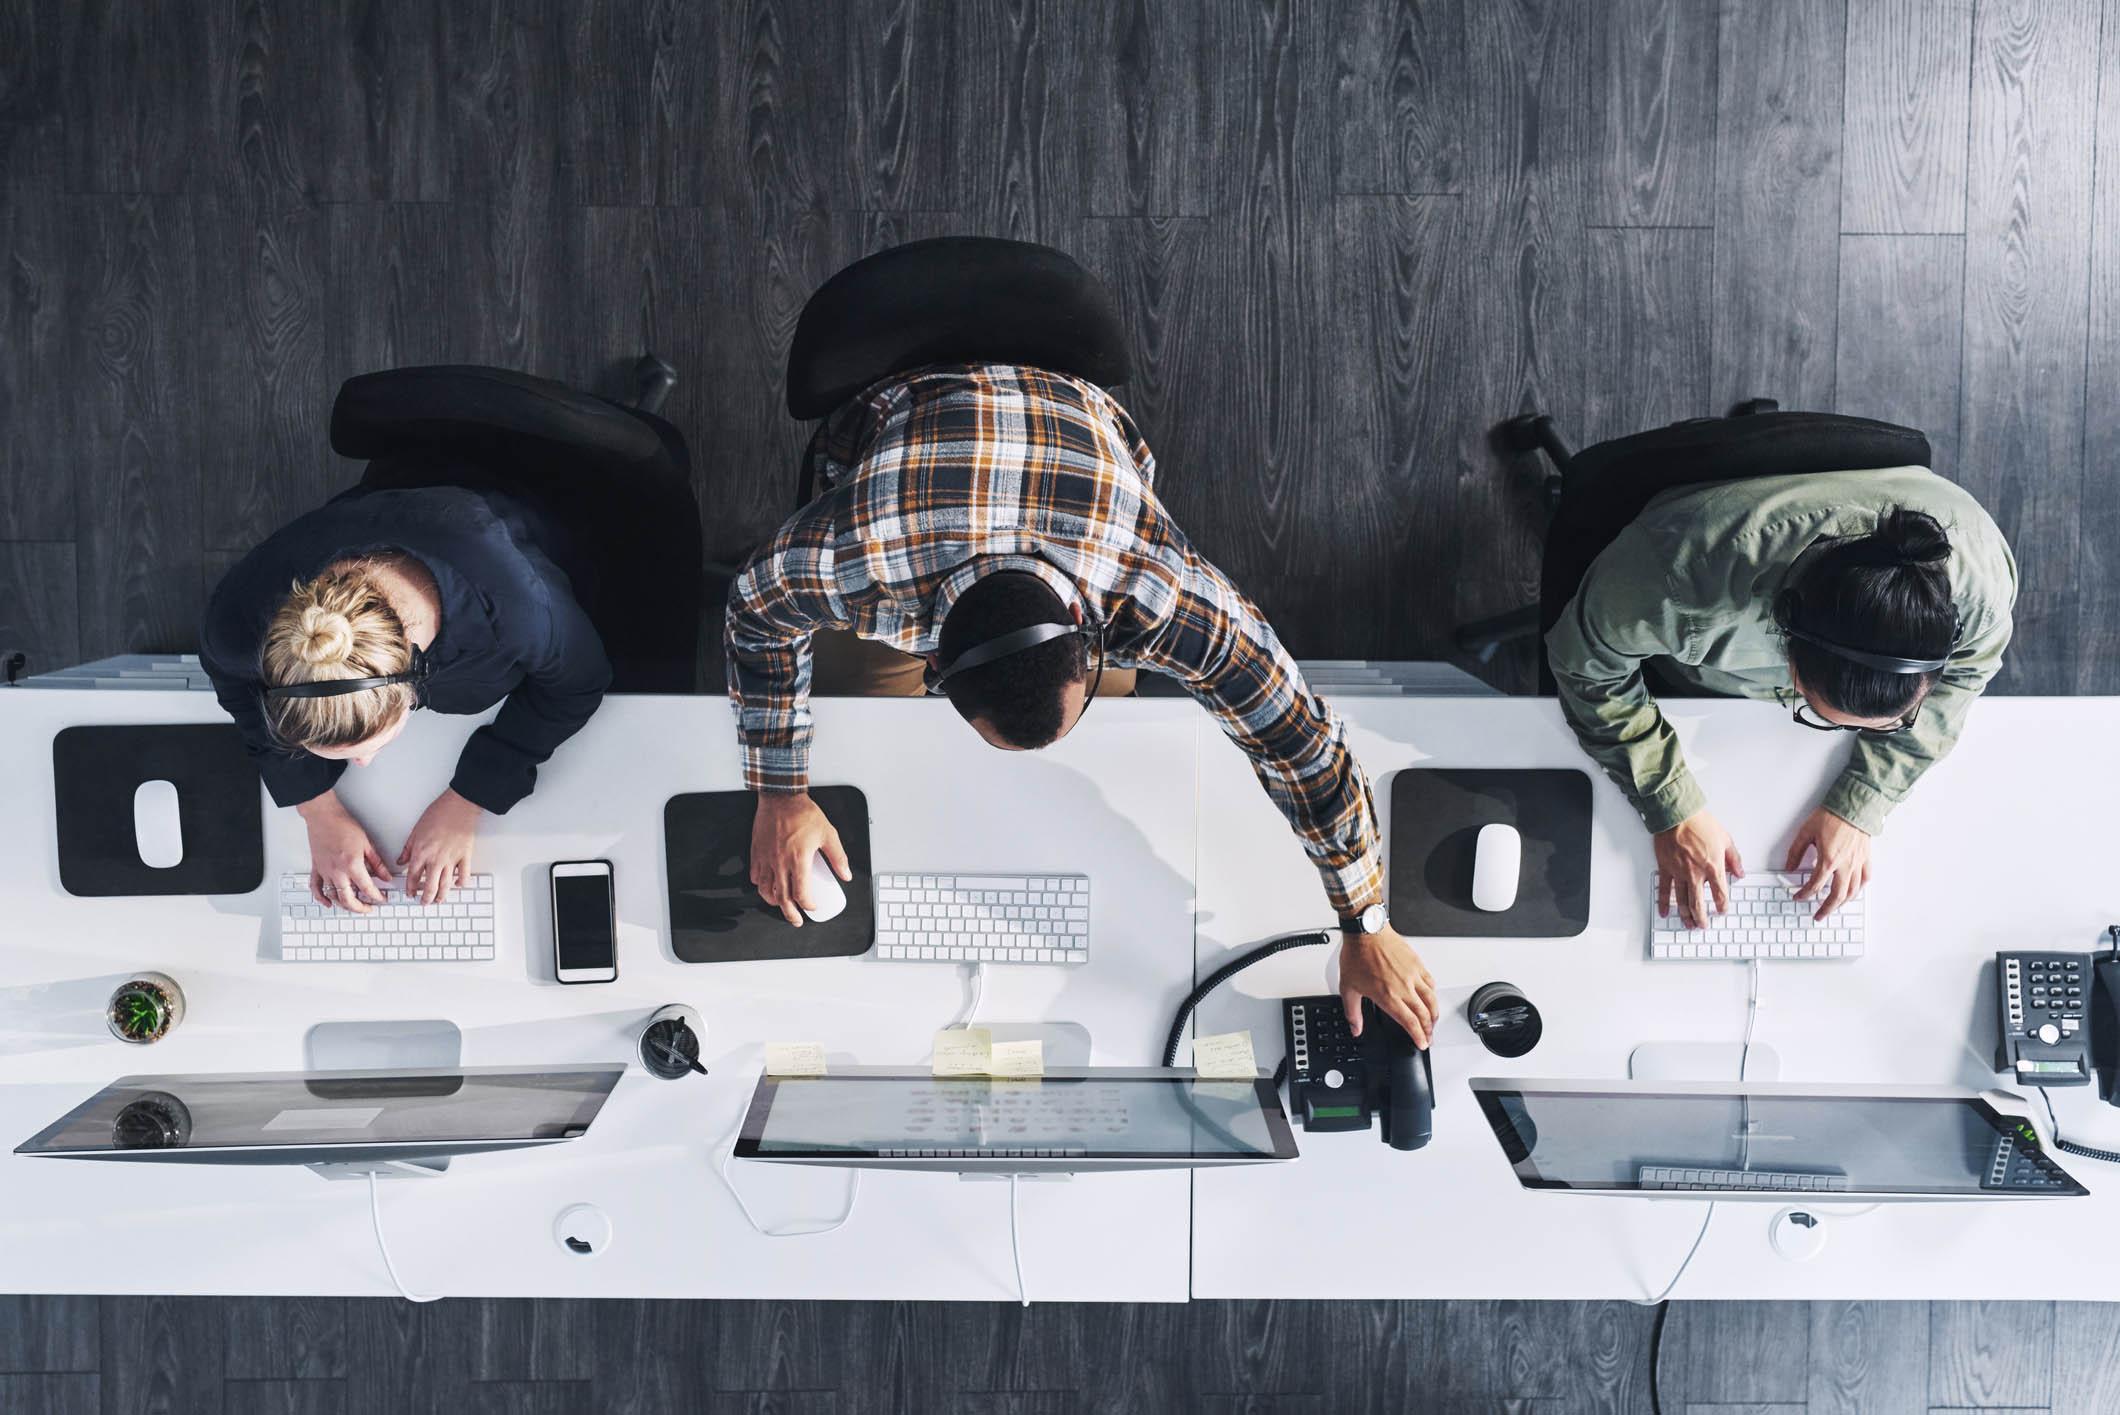 Personnes en train de travailler sur ordinateur - vue de haut